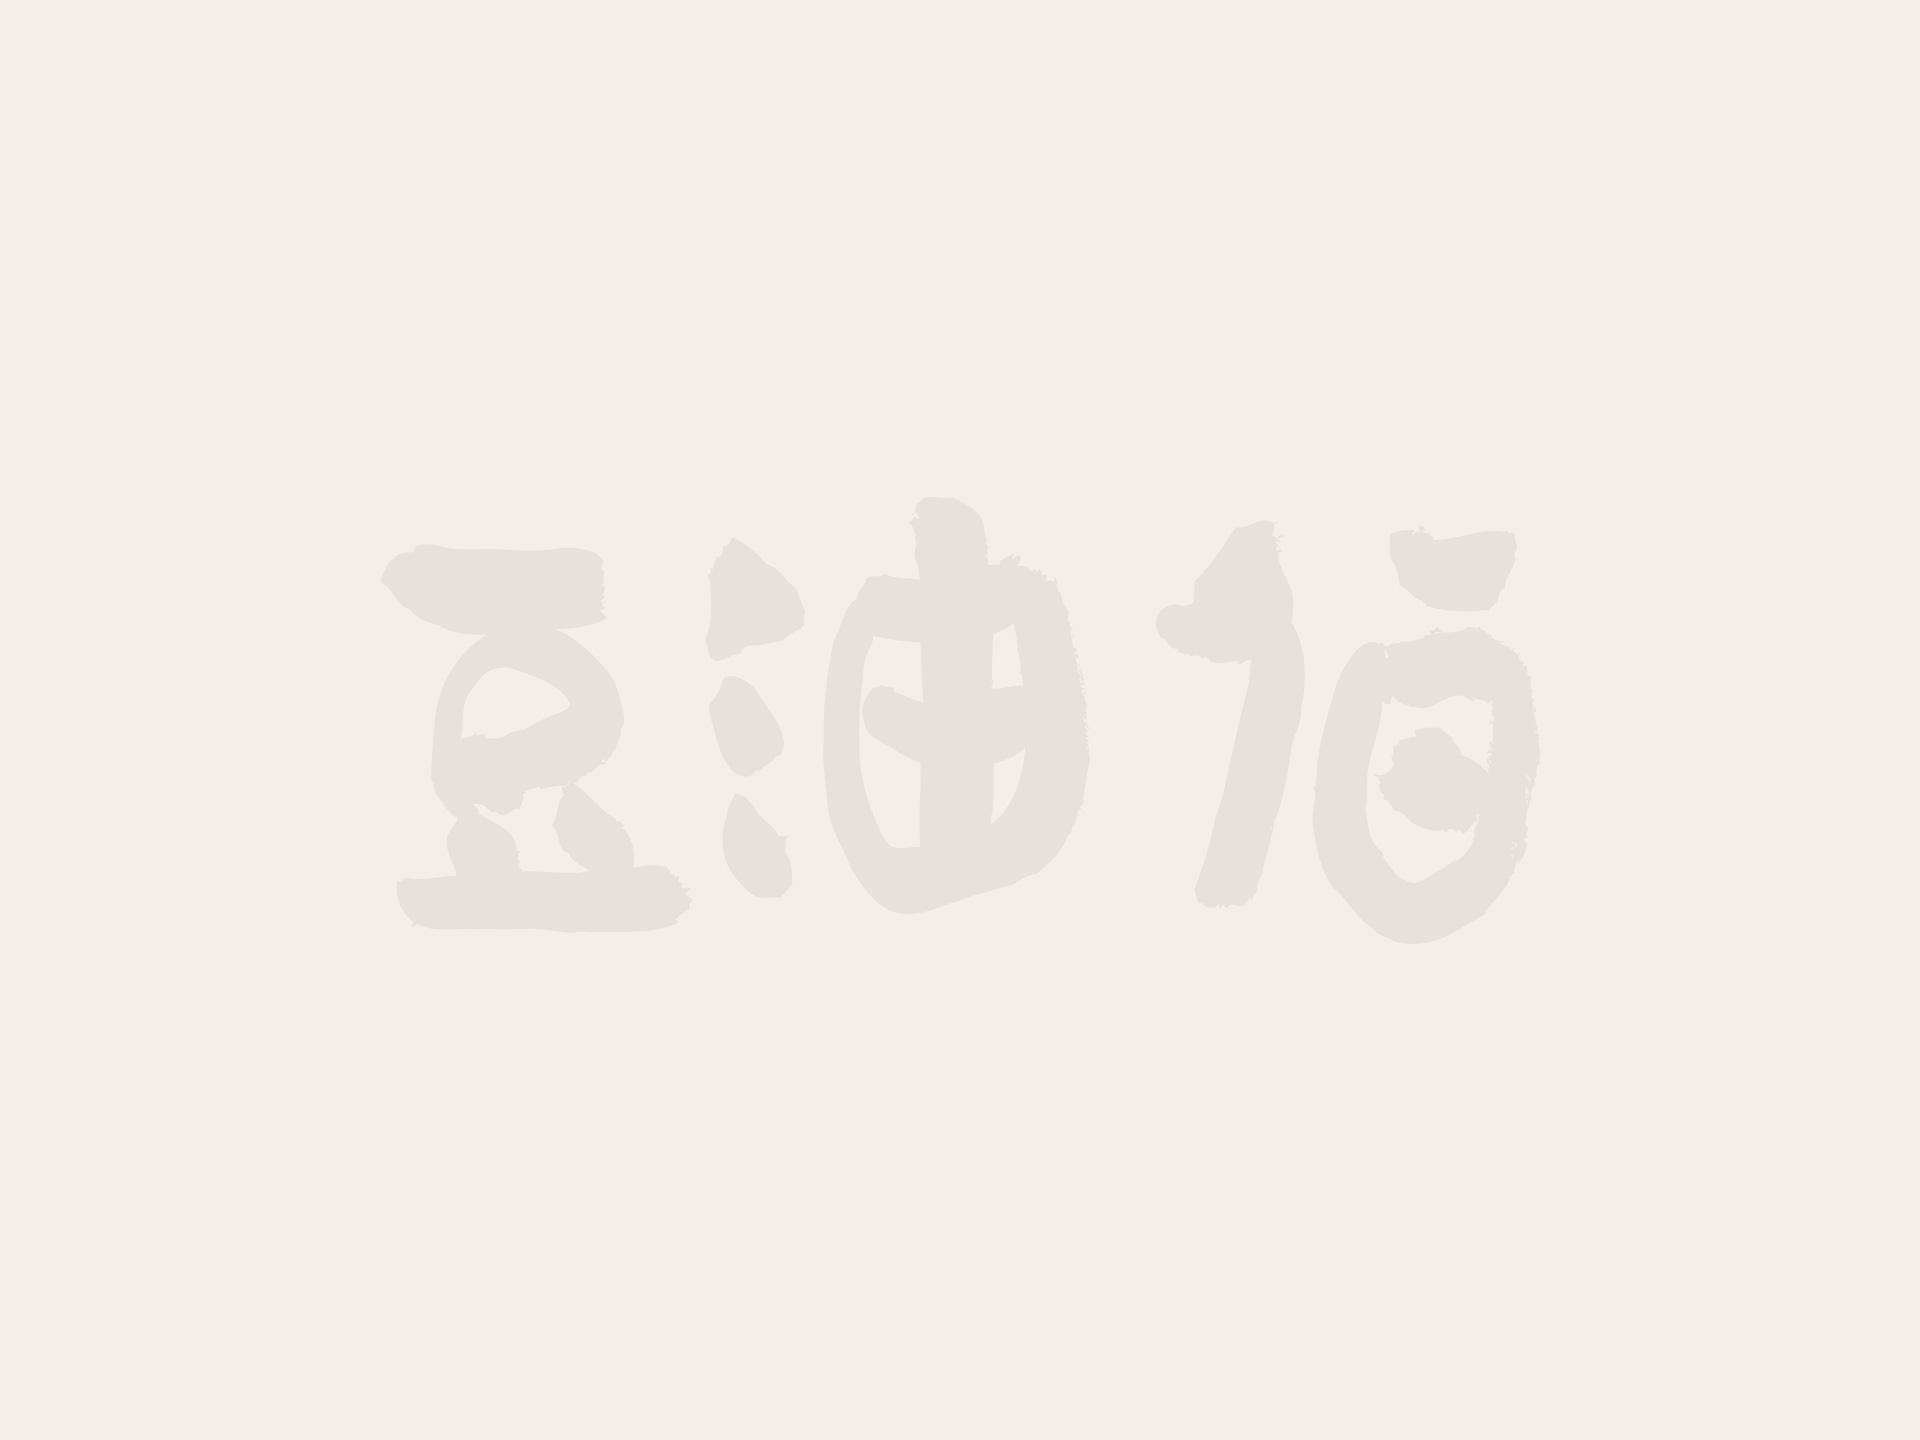 【送禮推薦74折】Lulus橄欖油2入+金美好醬油2入+金美滿醬油2入(配復古花袋2入)